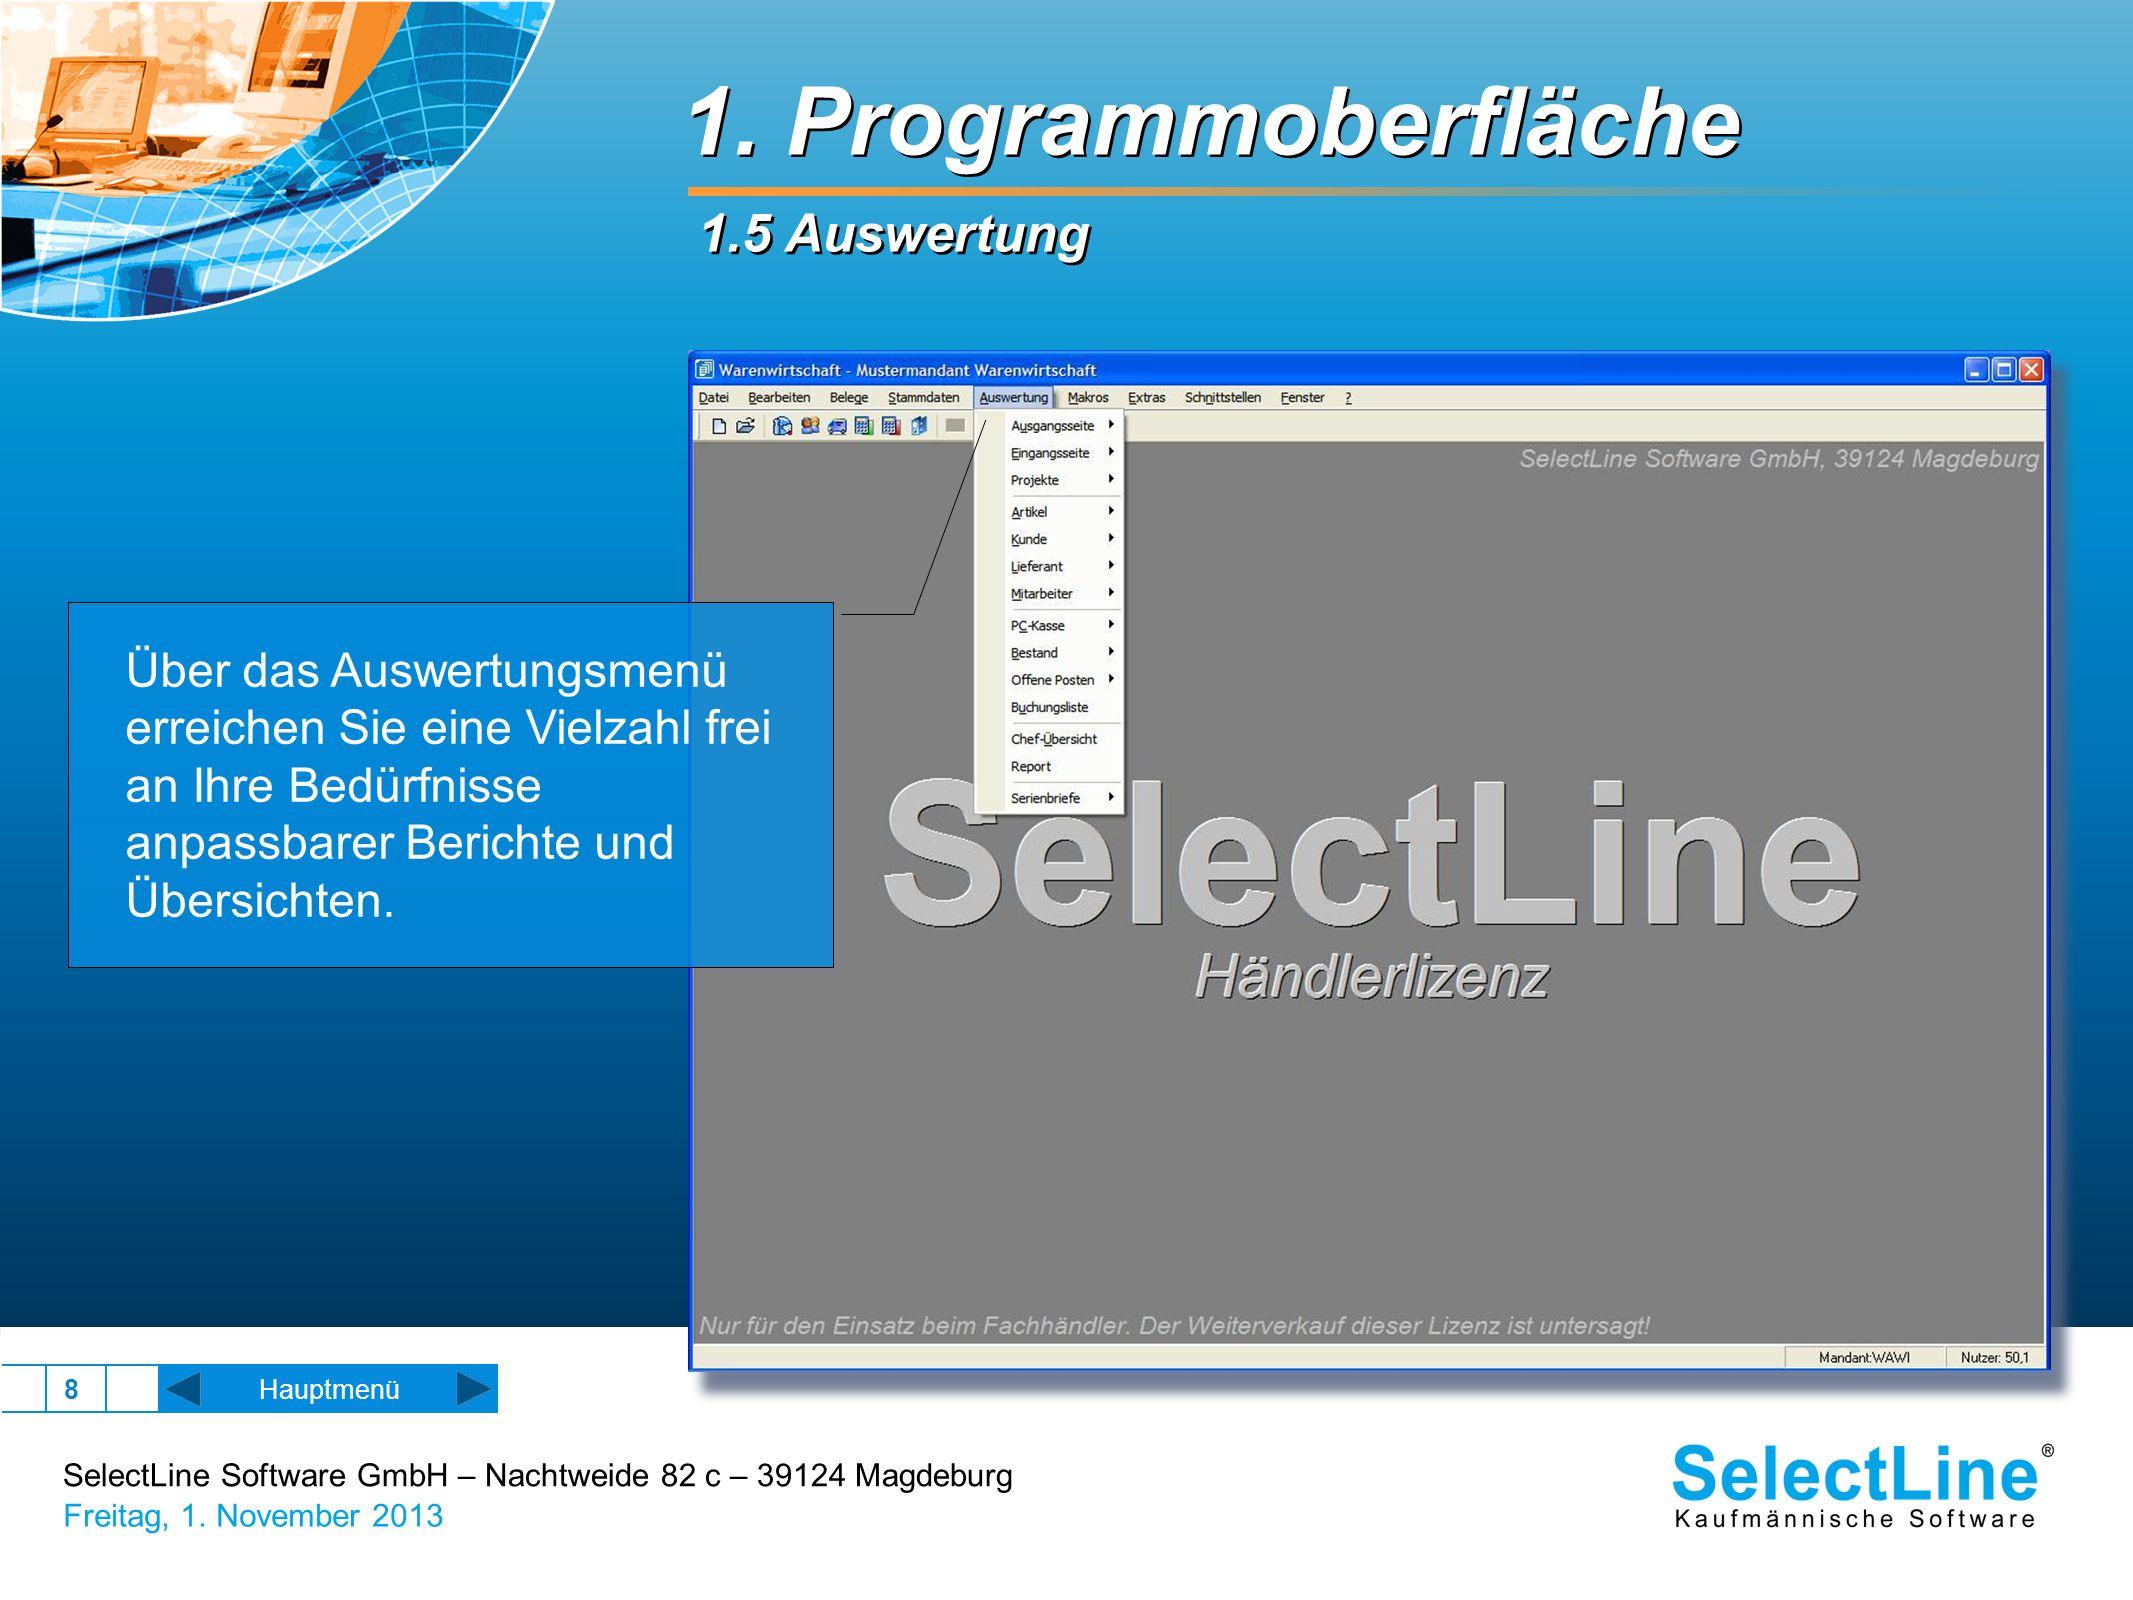 SelectLine Software GmbH – Nachtweide 82 c – 39124 Magdeburg Freitag, 1. November 2013 8 1. Programmoberfläche 1.5 Auswertung Über das Auswertungsmenü